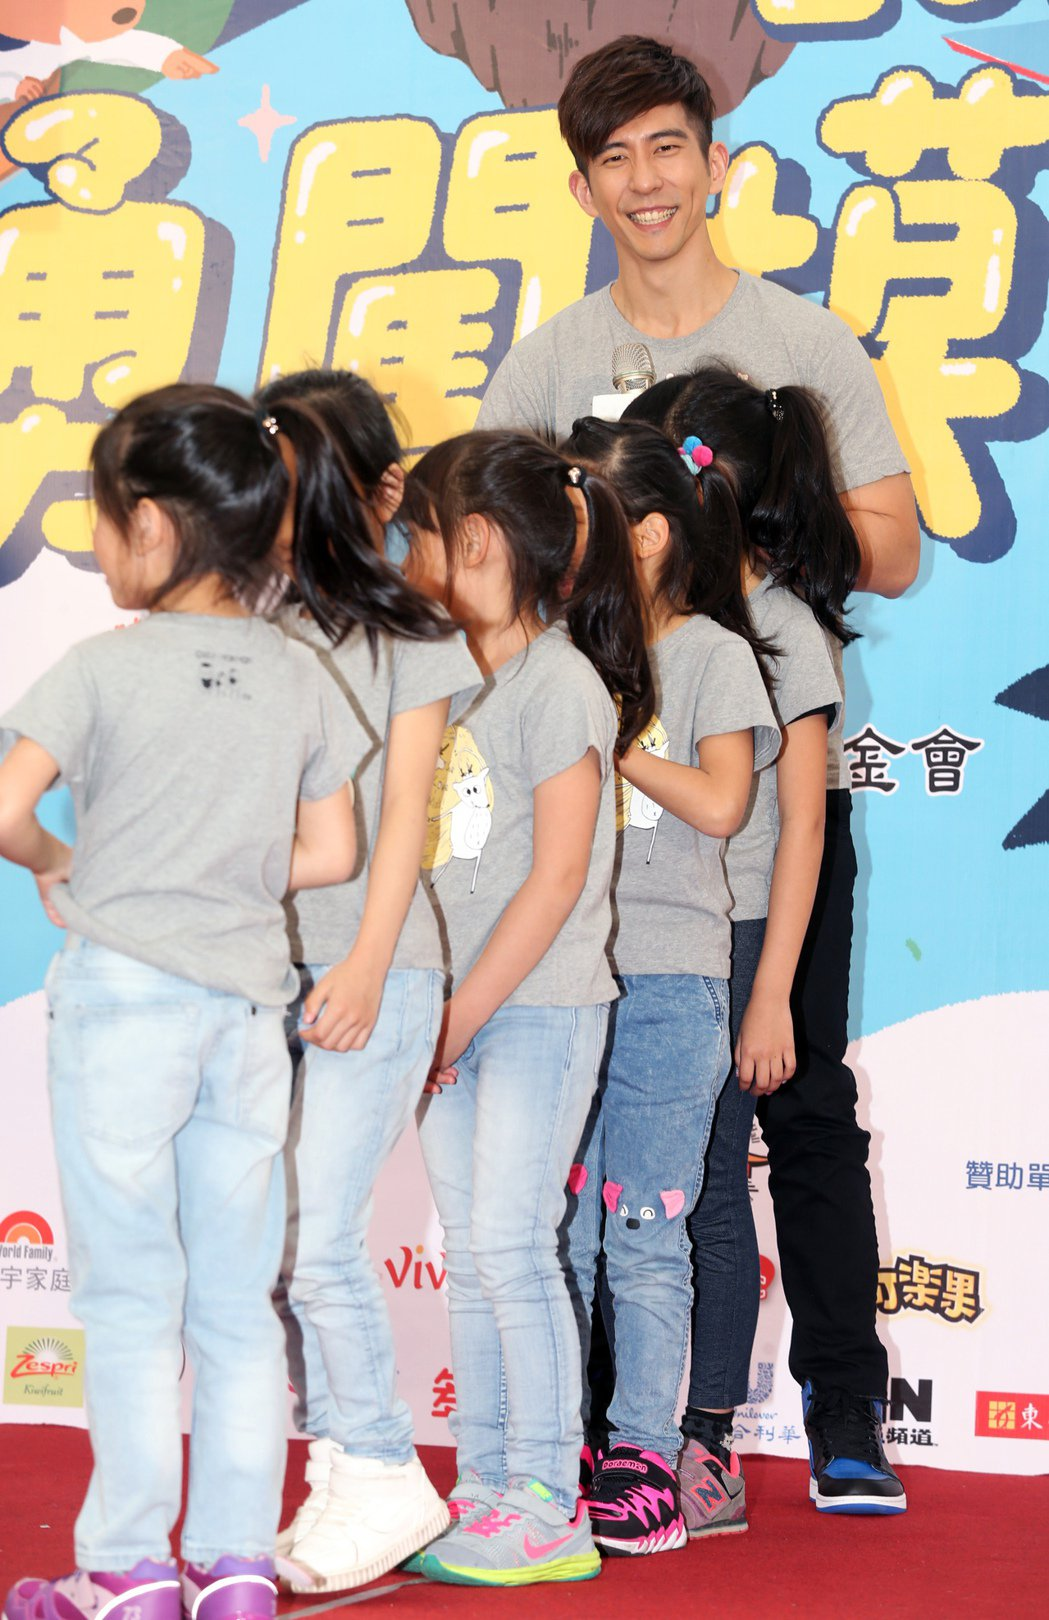 修杰楷出席活動與小朋友一起玩遊戲。記者徐兆玄/攝影